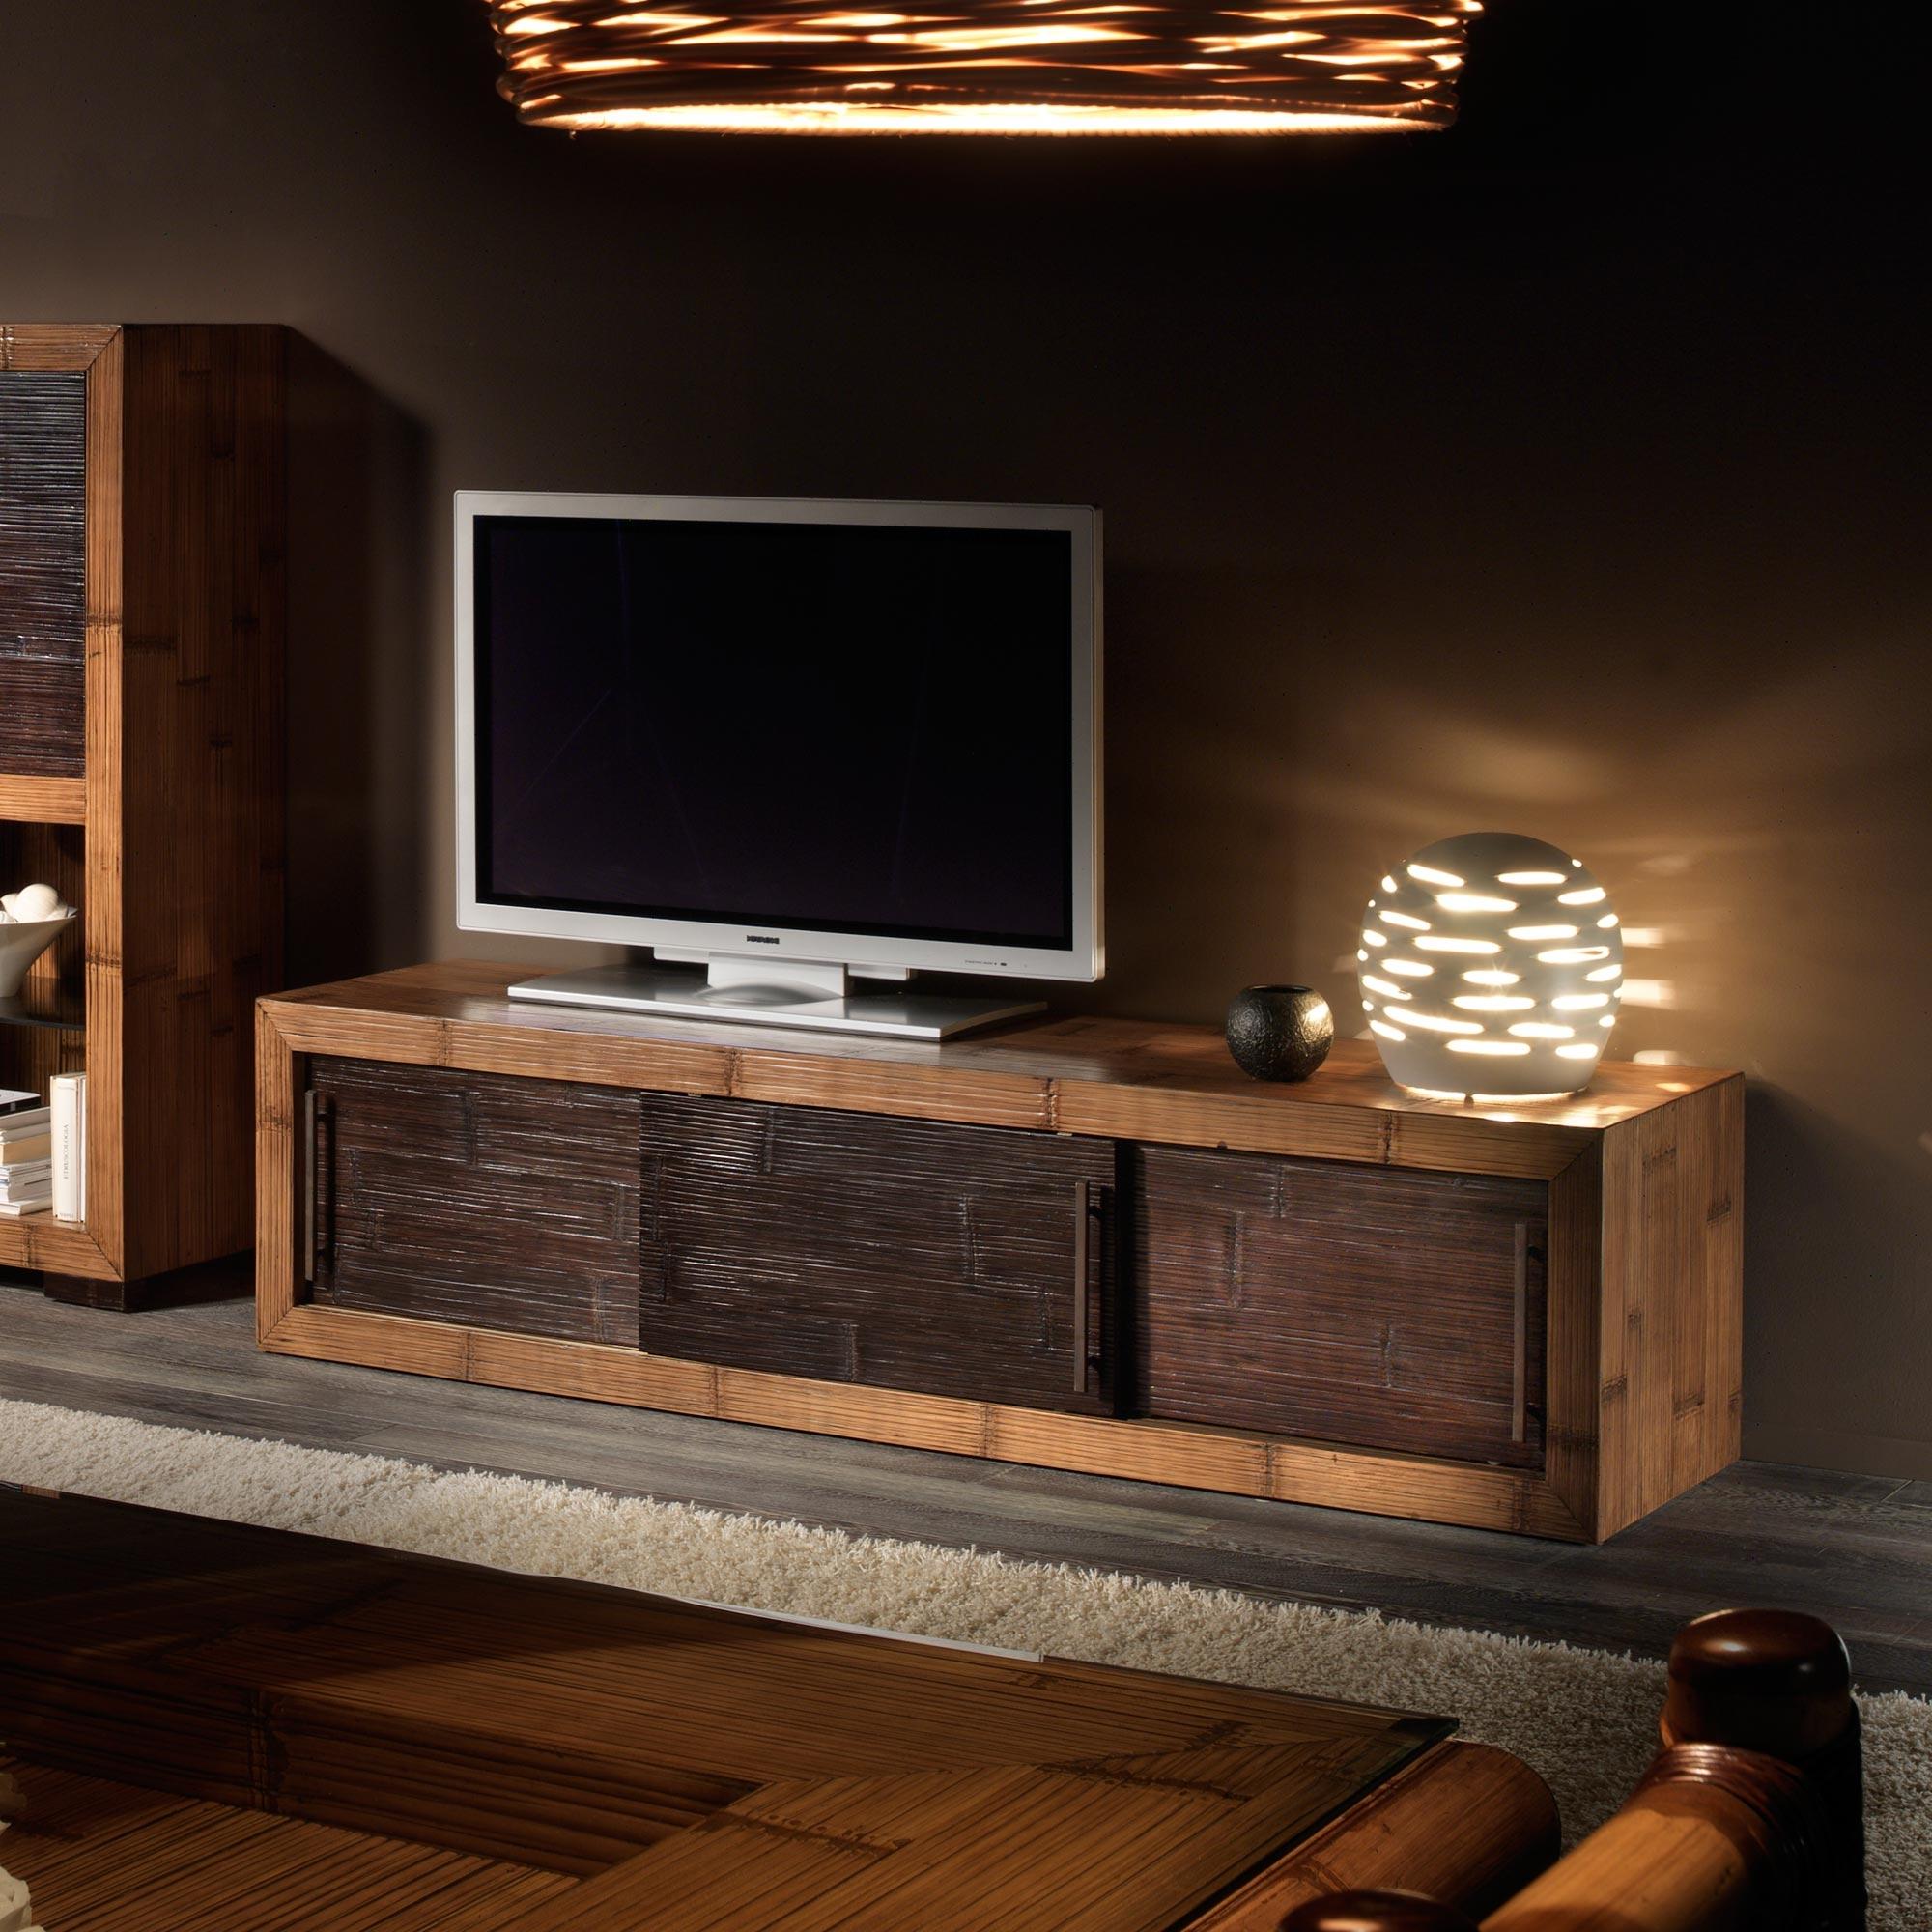 meuble cabinet long format 2 m tres en bambou d roul et bois de mindy collection indah. Black Bedroom Furniture Sets. Home Design Ideas